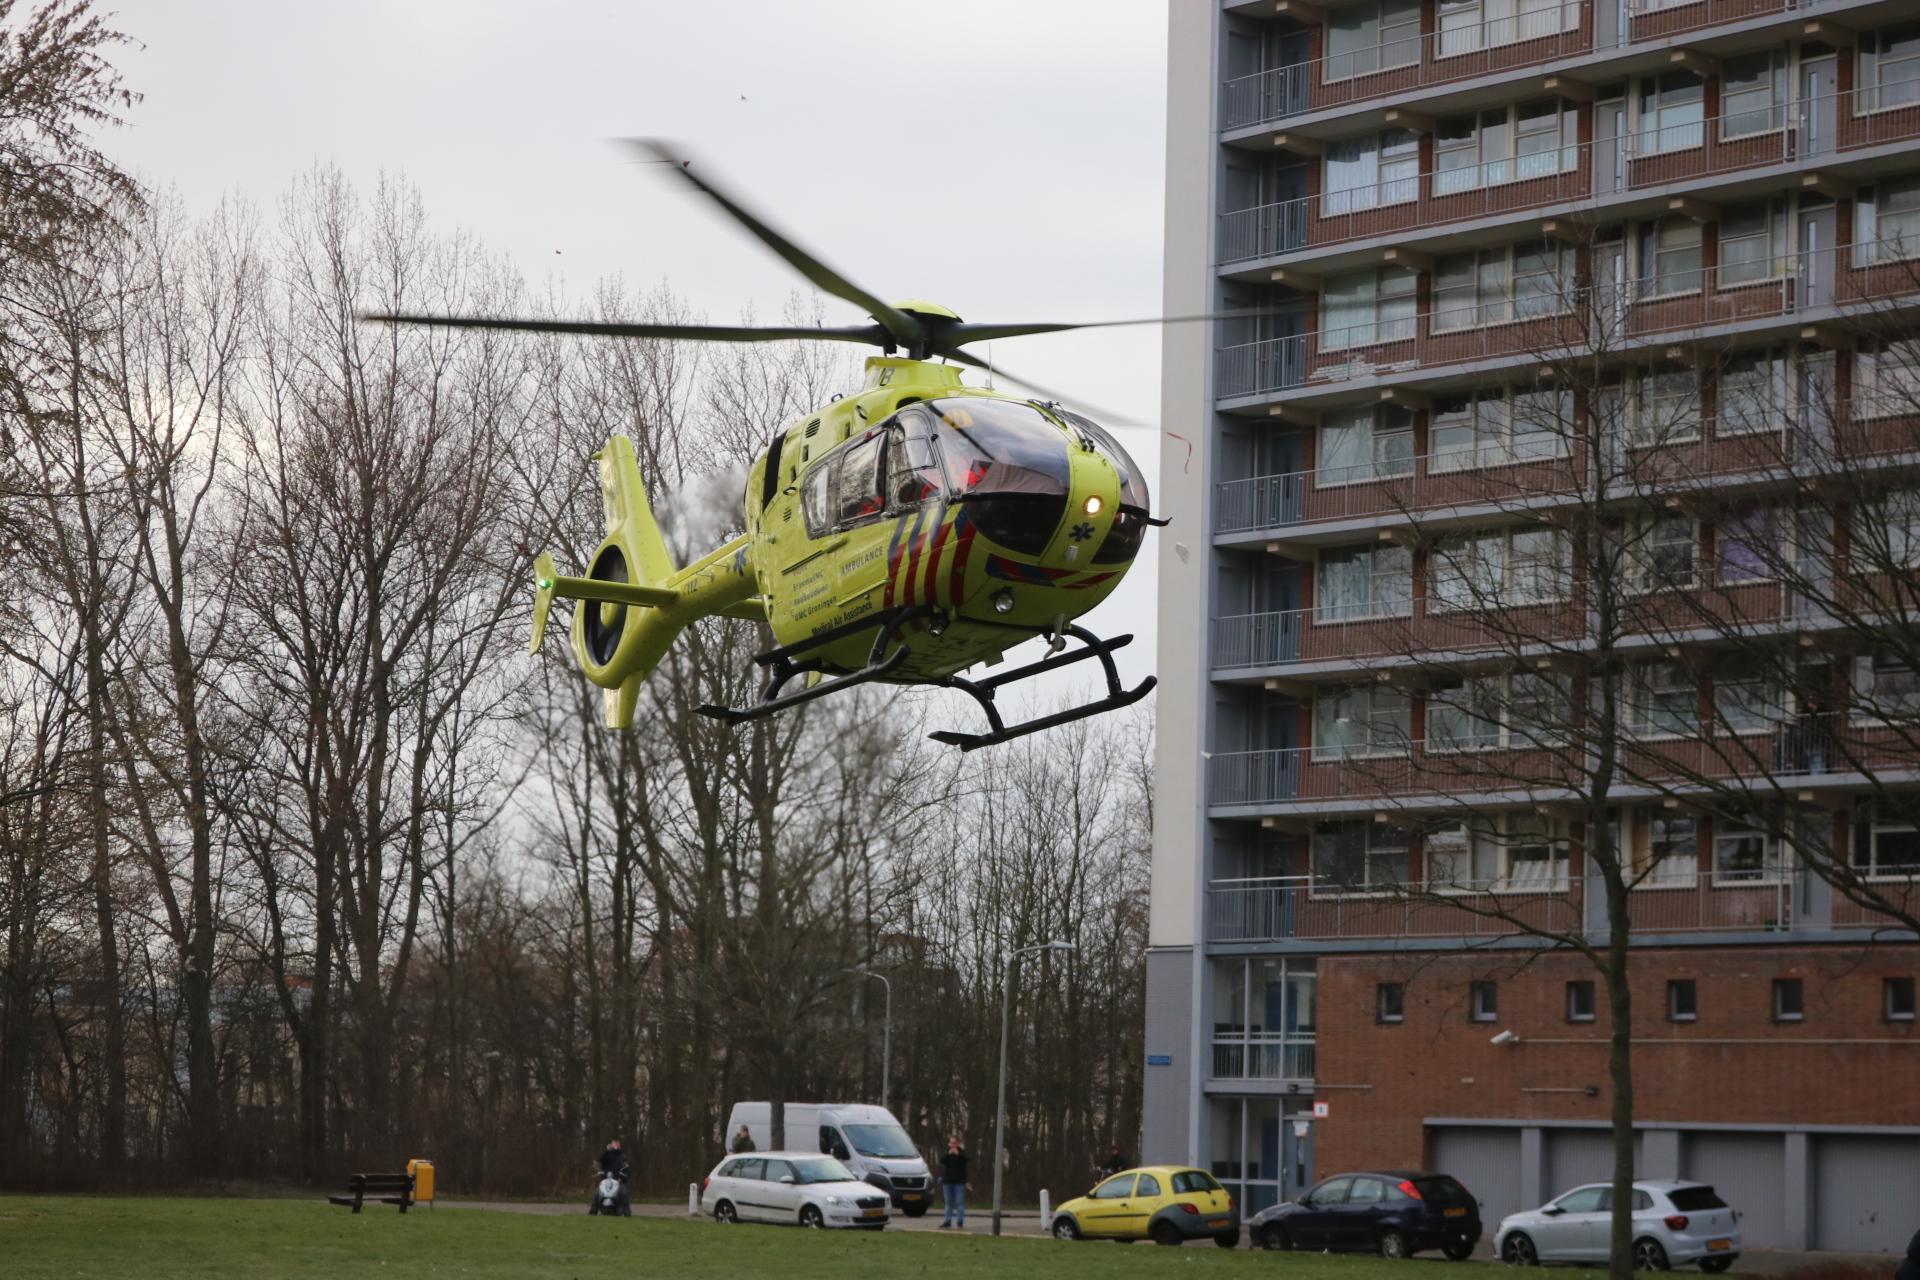 Jong slachtoffer ligt zwaargewond op straat in Katwijk; politie doet onderzoek